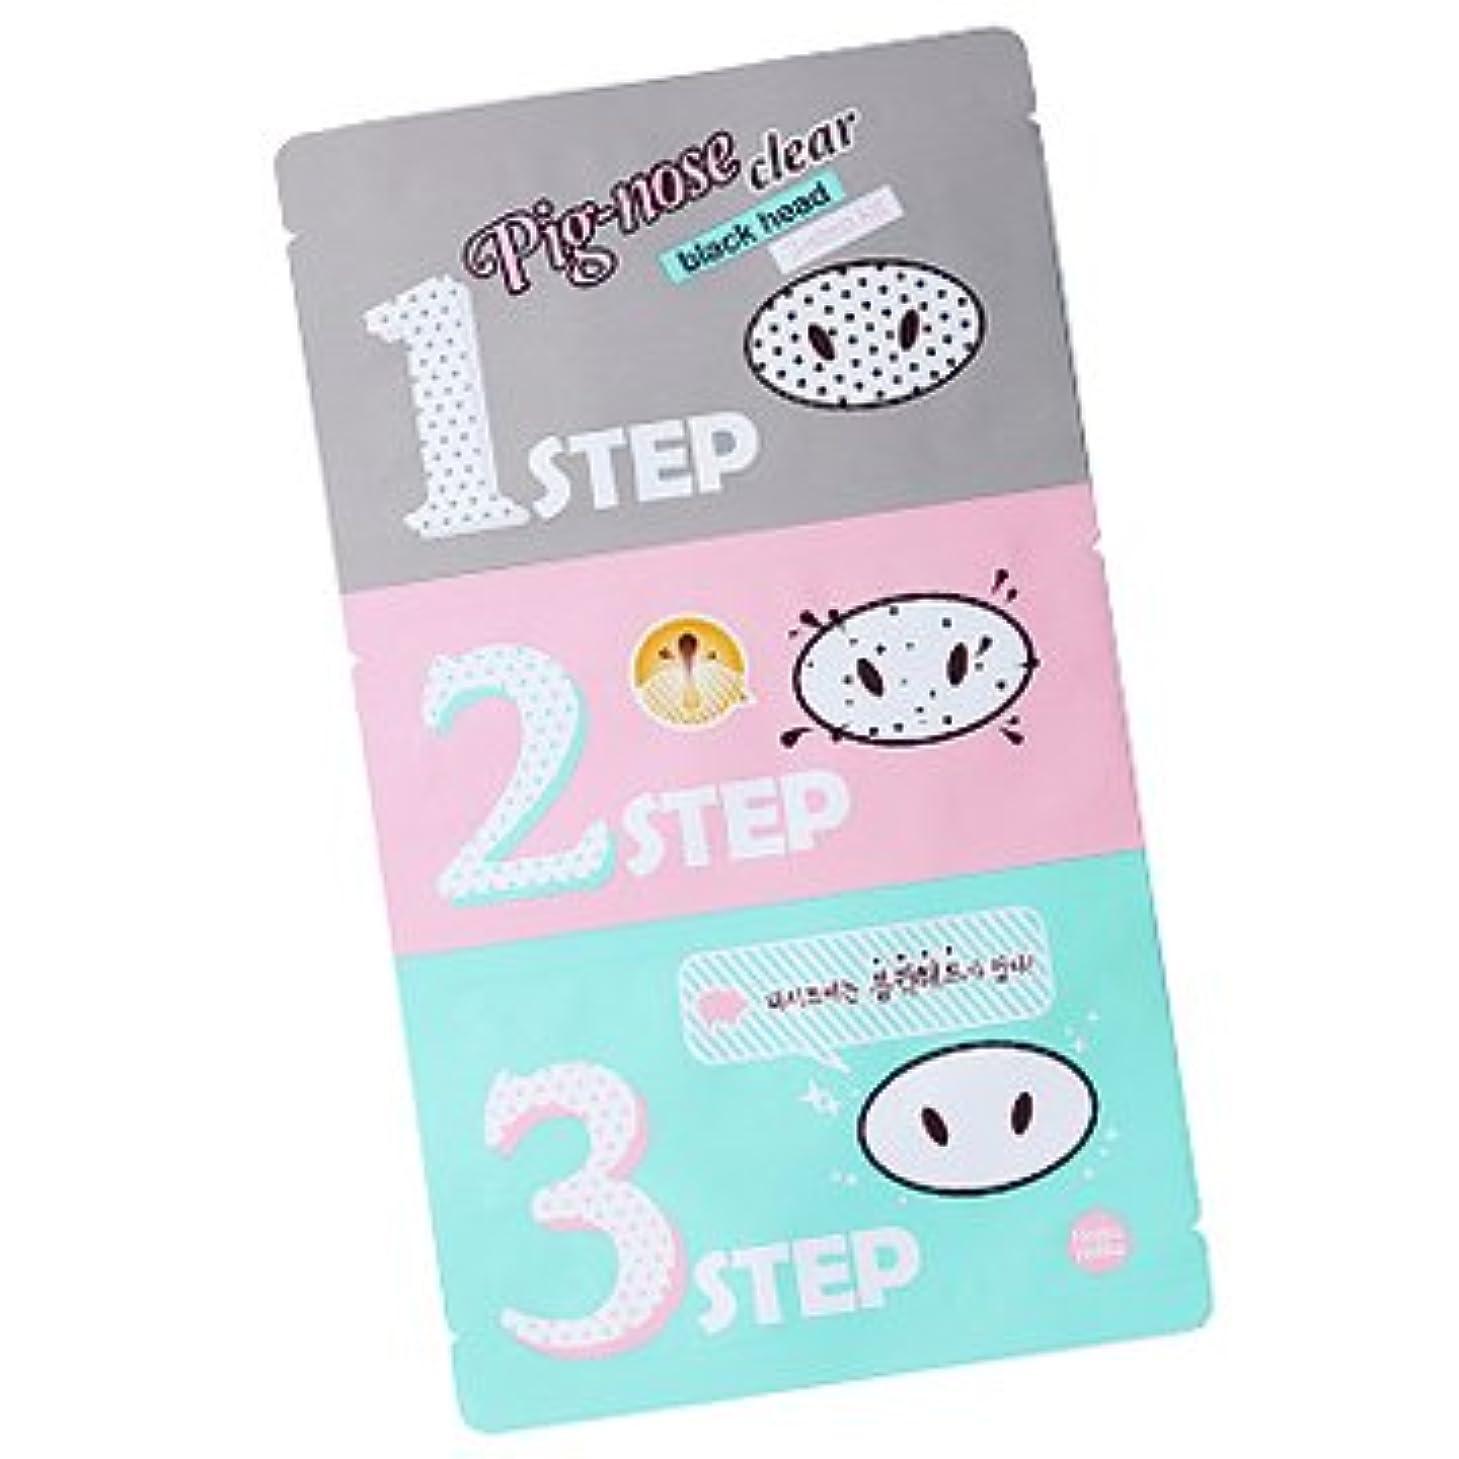 財産穿孔する消毒剤Holika Holika Pig Nose Clear Black Head 3-Step Kit 10EA (Nose Pack) ホリカホリカ ピグノーズクリアブラックヘッド3-Stepキット(鼻パック) 10pcs...